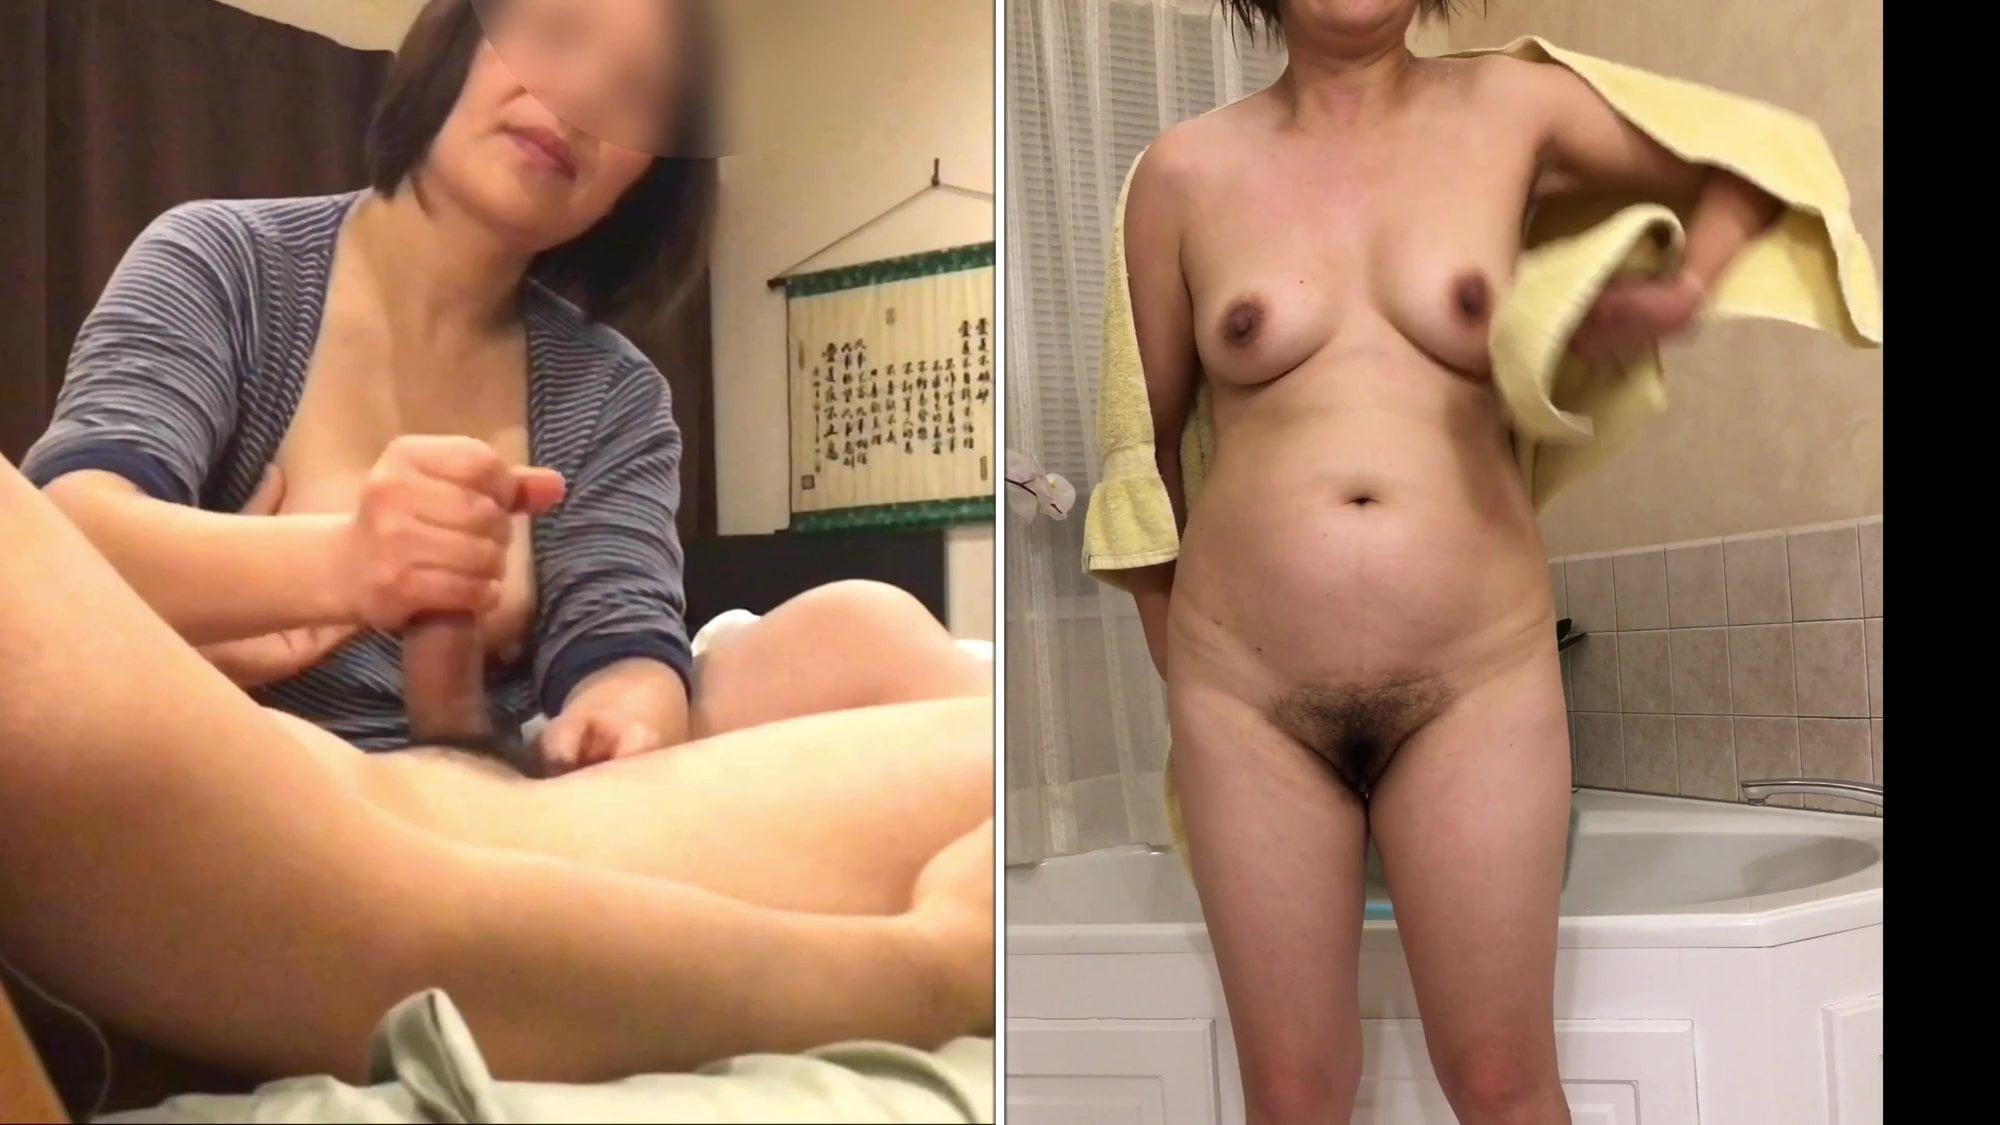 Porn archive Barbar windsor having sex